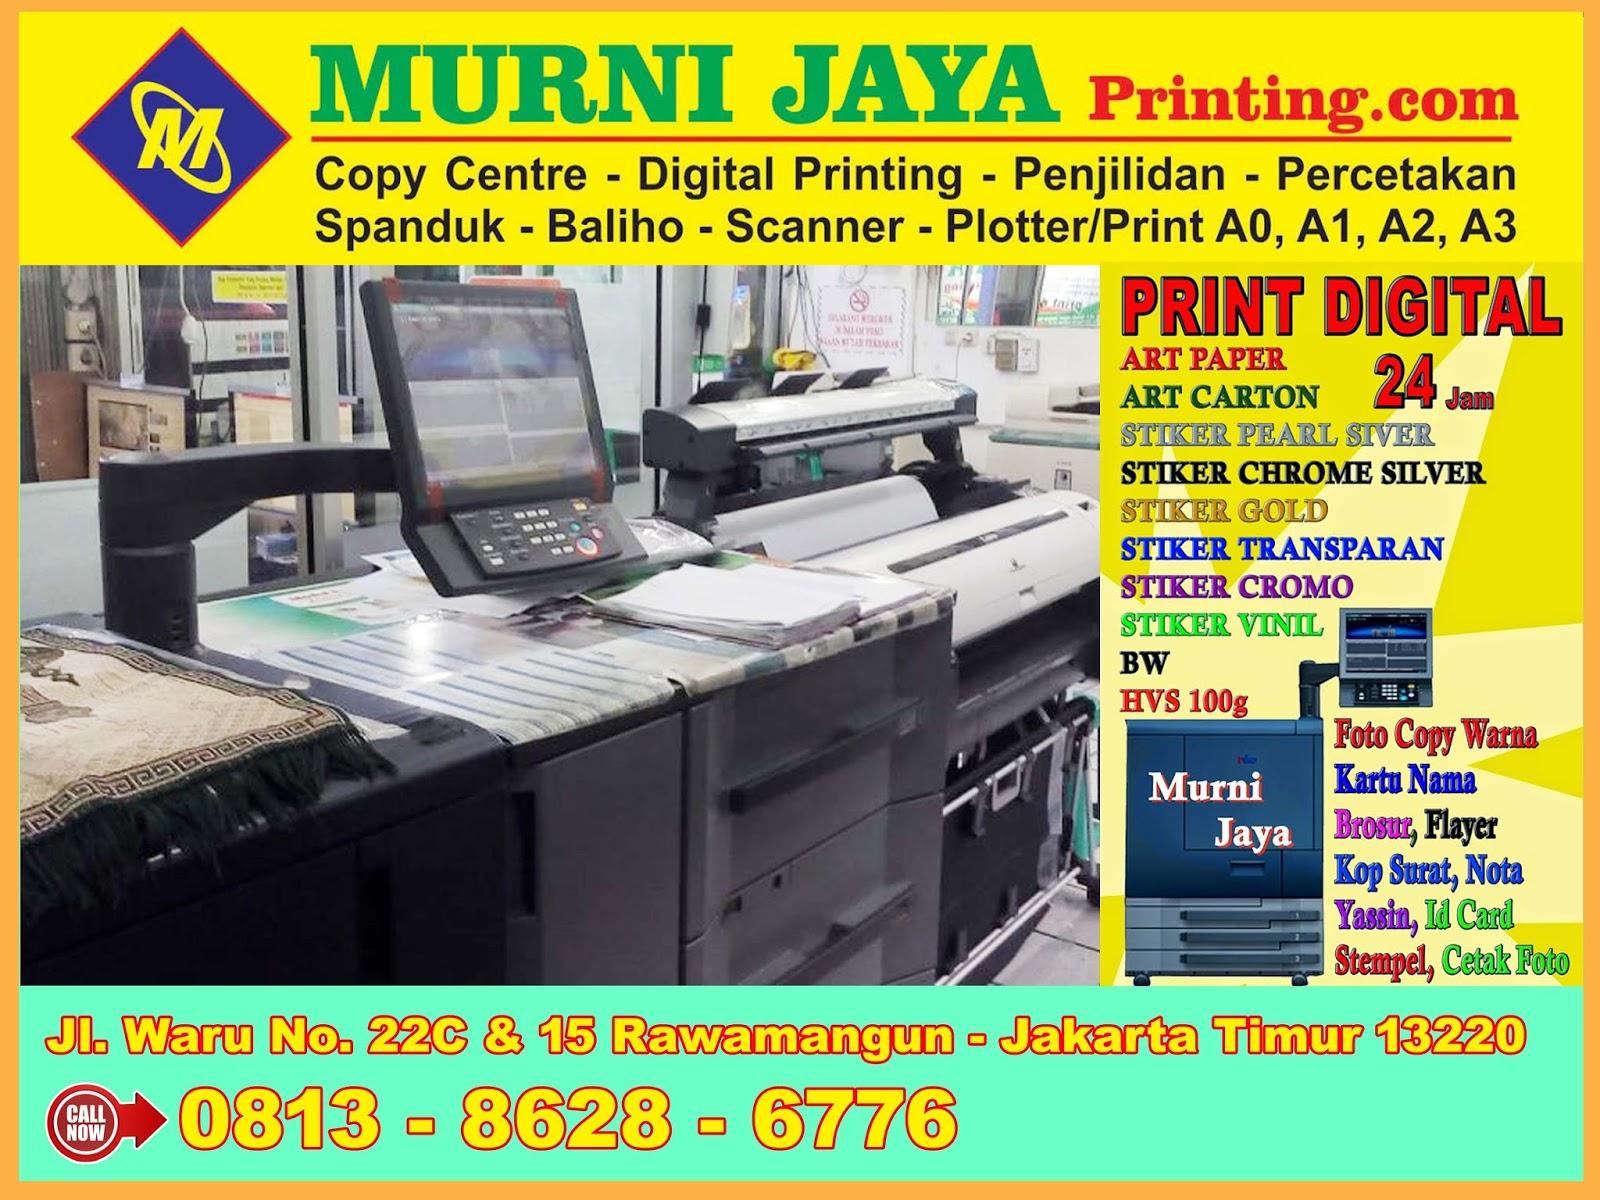 jasa percetakan murah percetakan jakarta jasa digital printing murah 24 jam di rawamangun ...